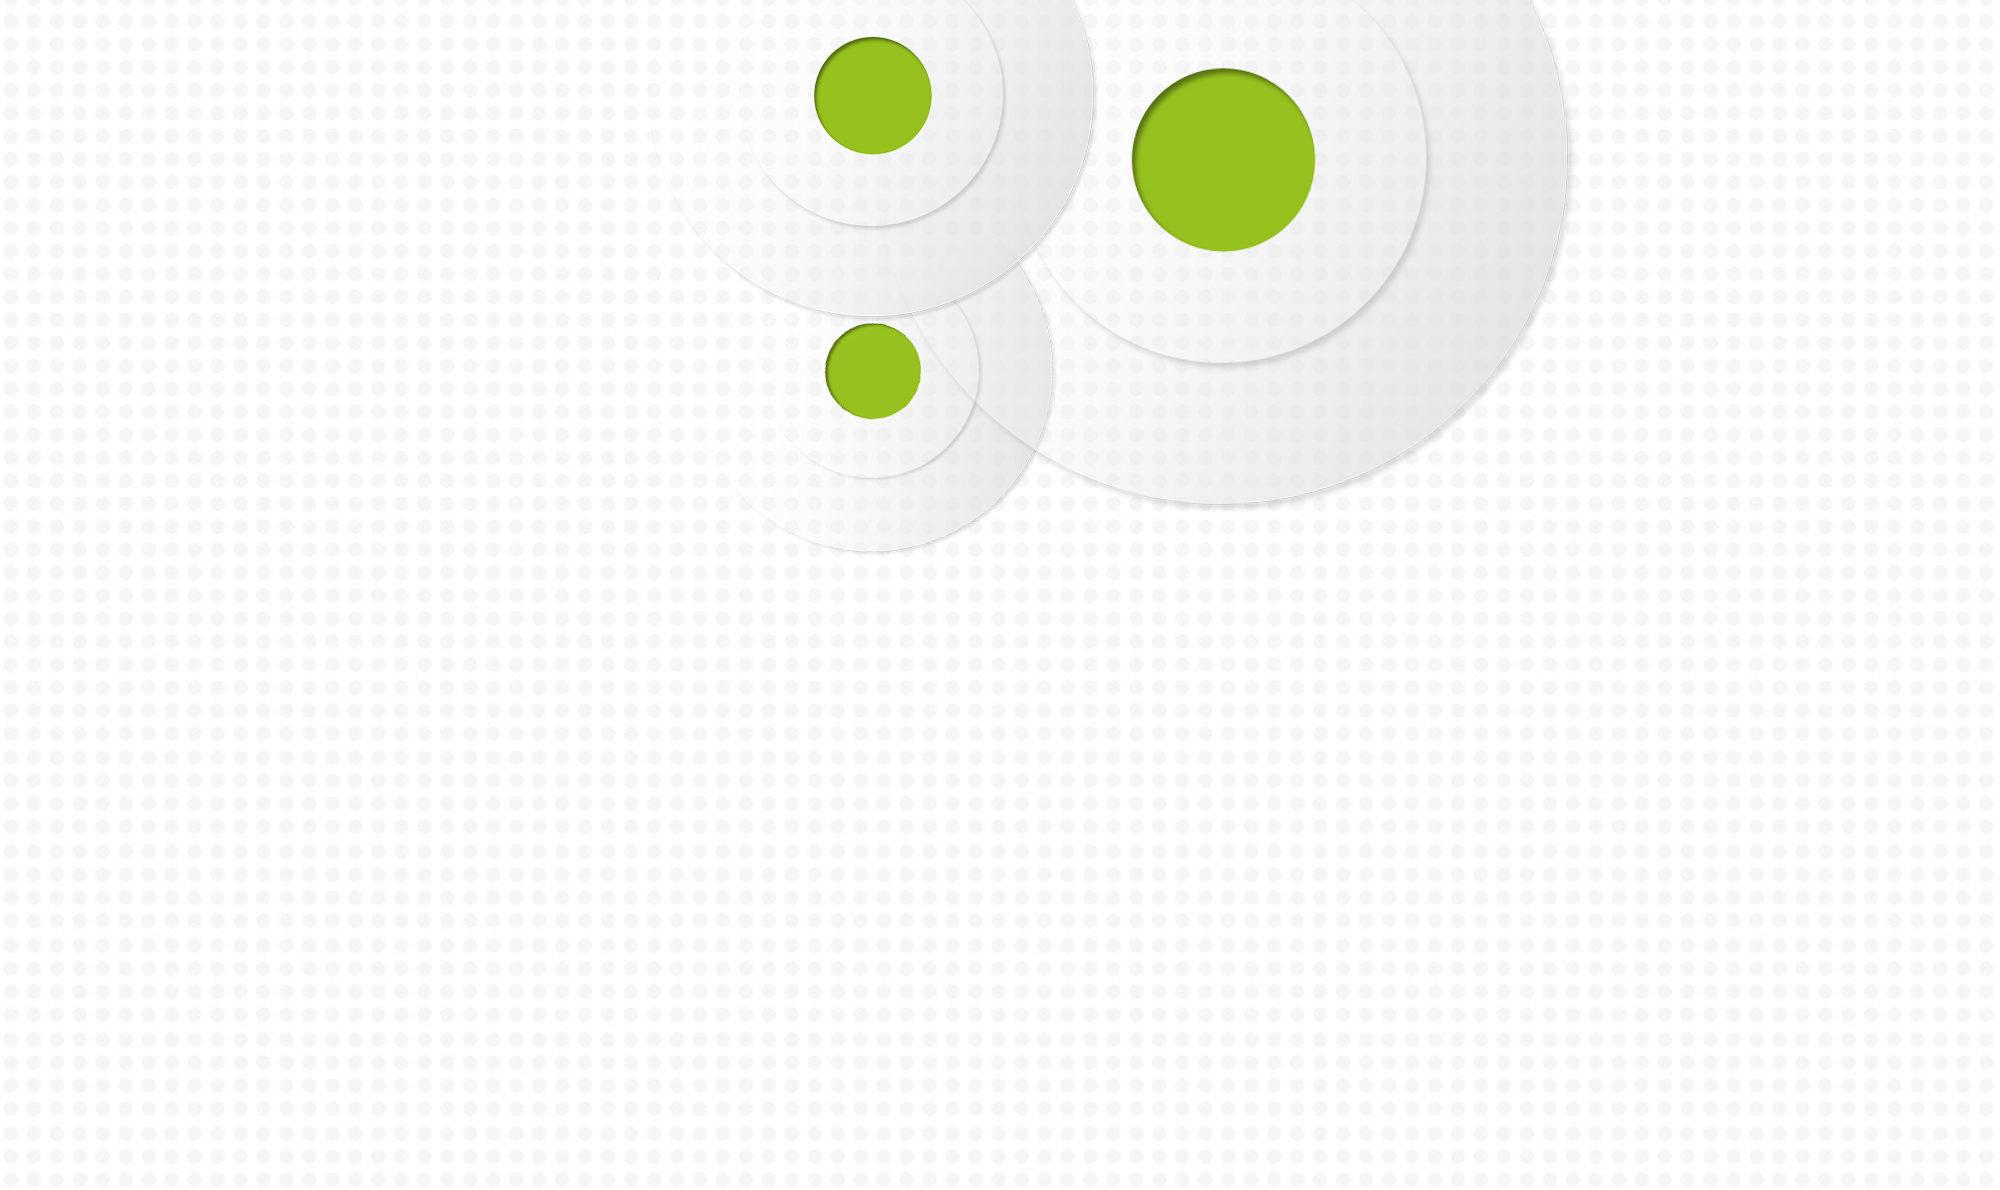 """<font color=""""#96c11f"""">Warum wir etwas </br>verändern wollen.</font></br>» Unsere Zukunft. <div id=""""zukunft""""></div>"""